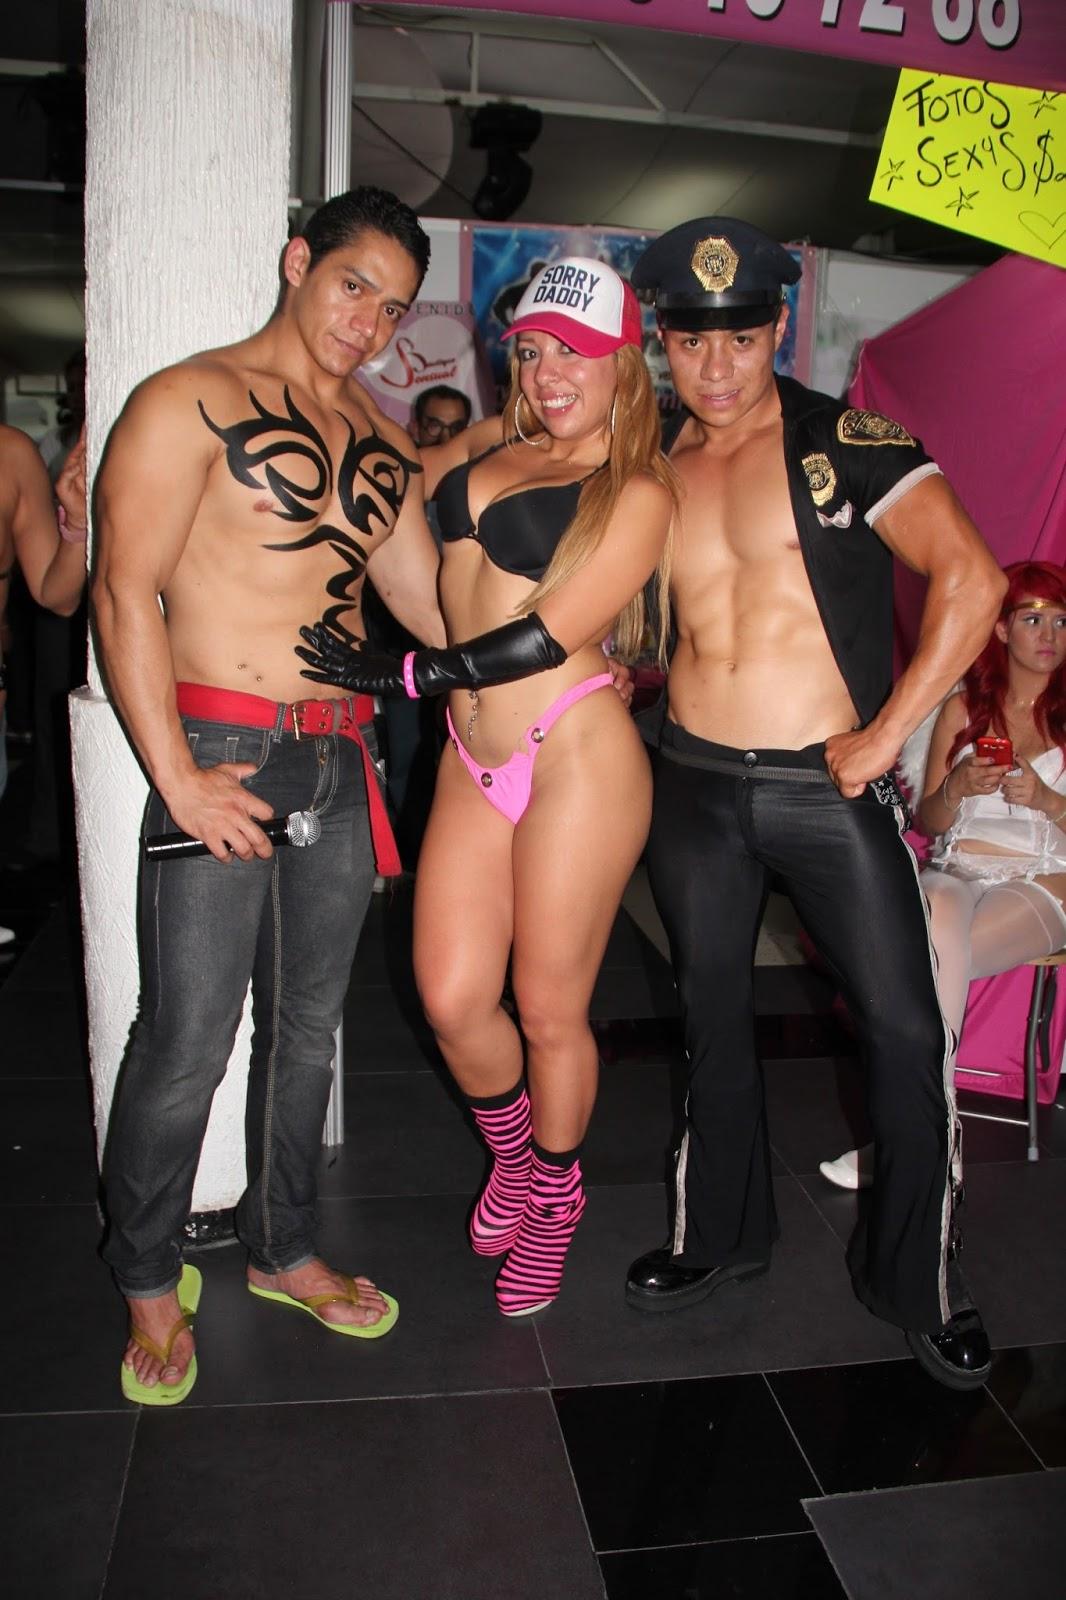 En Dias Recientes Se Llevo A Cabo La Expo Sex Mex Una Expo Mexicana Muy Diferente A La Organizada Cada Ano Esta Es La Cuarta Expo Mexicana Que Se Realiza